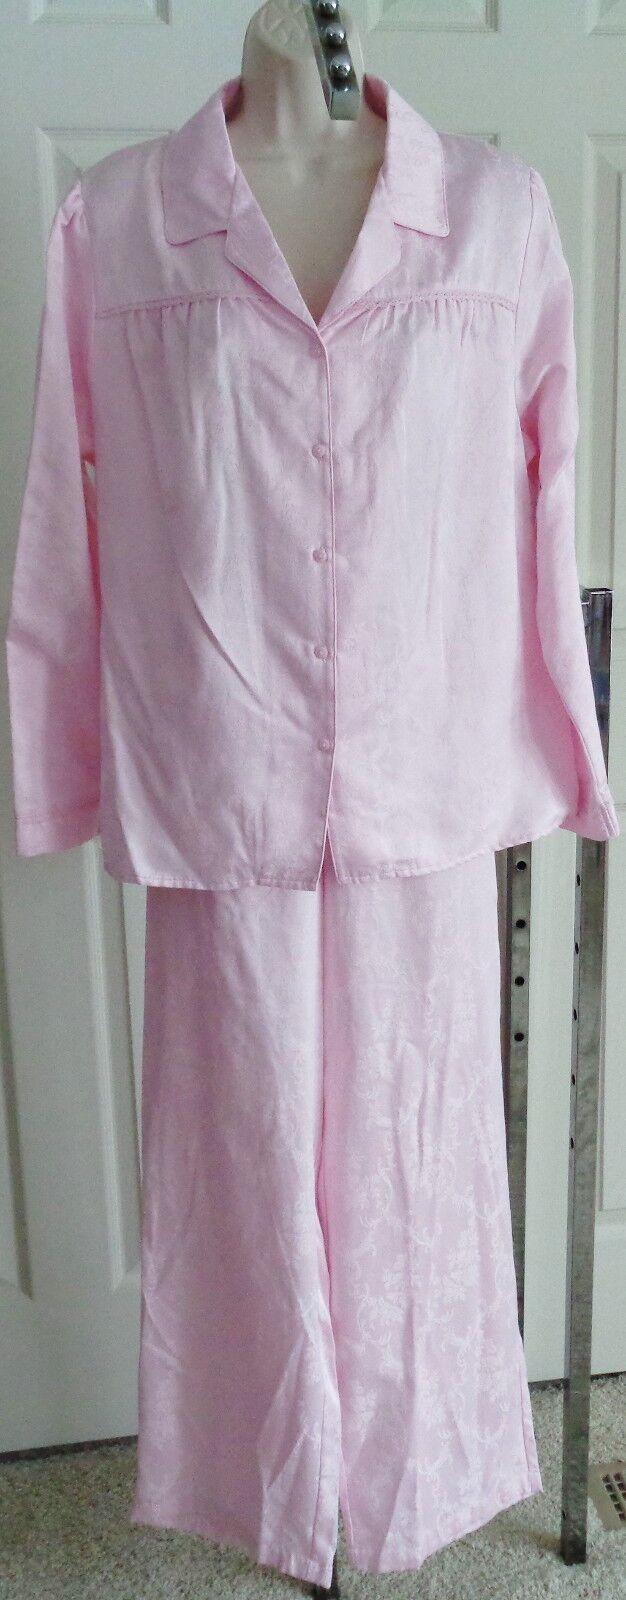 Awomen NWT  50 pale pink satin pajama pjs set L